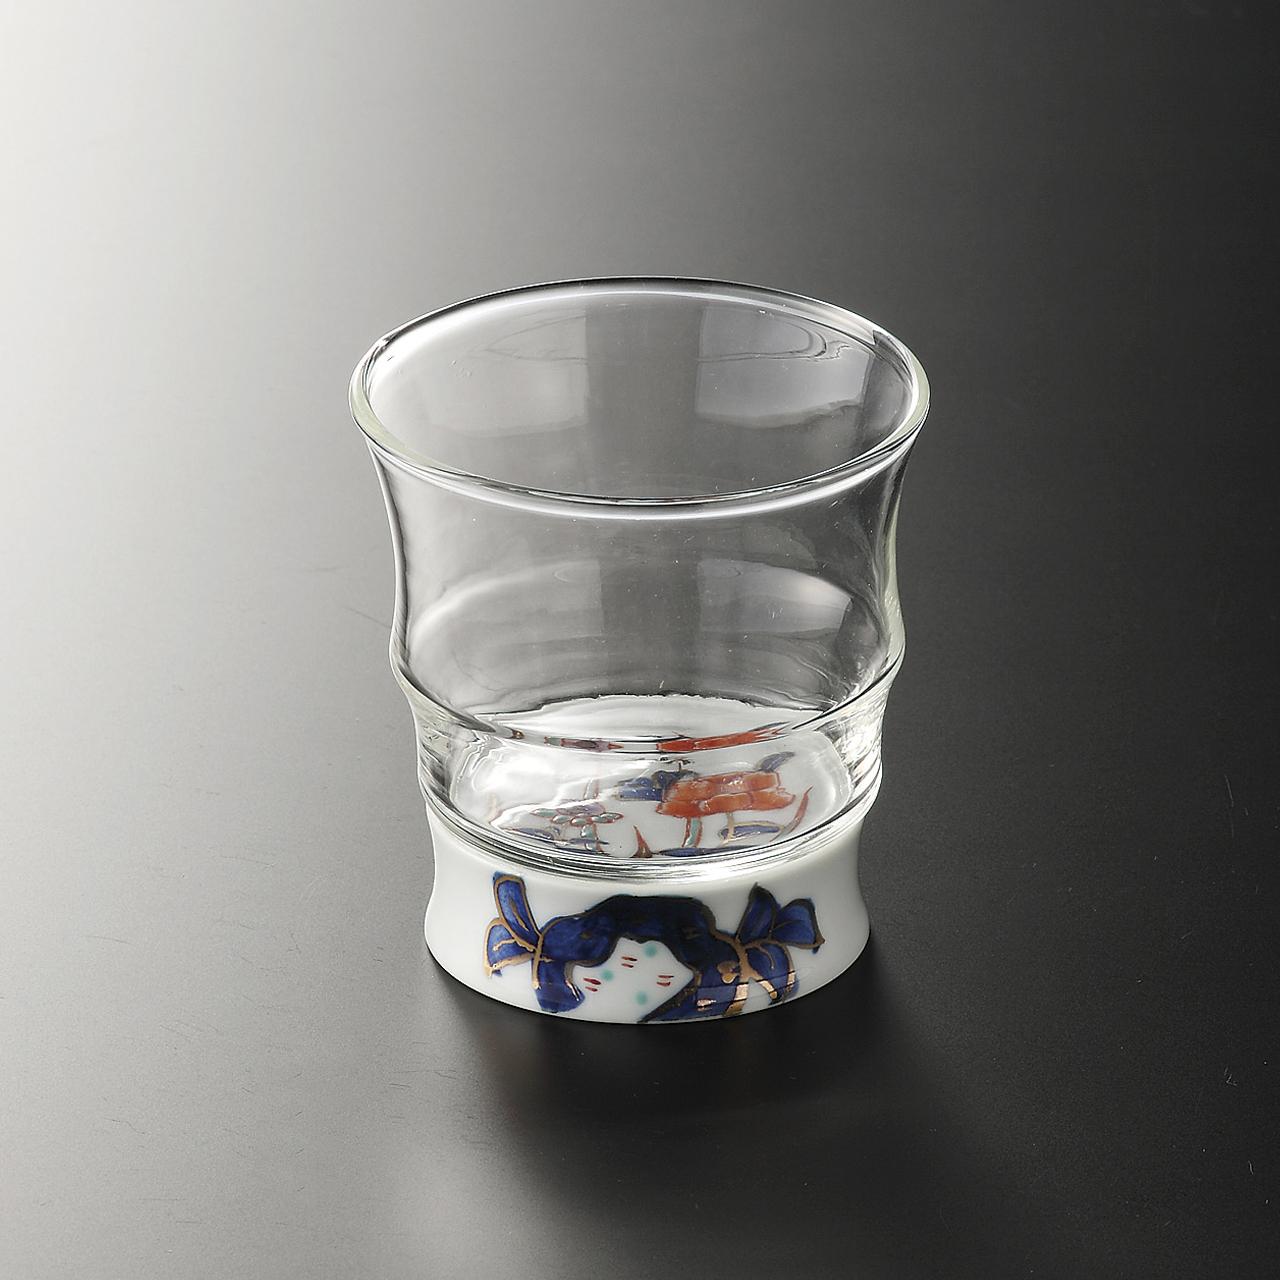 ロックグラス (古伊万里風) 20-305